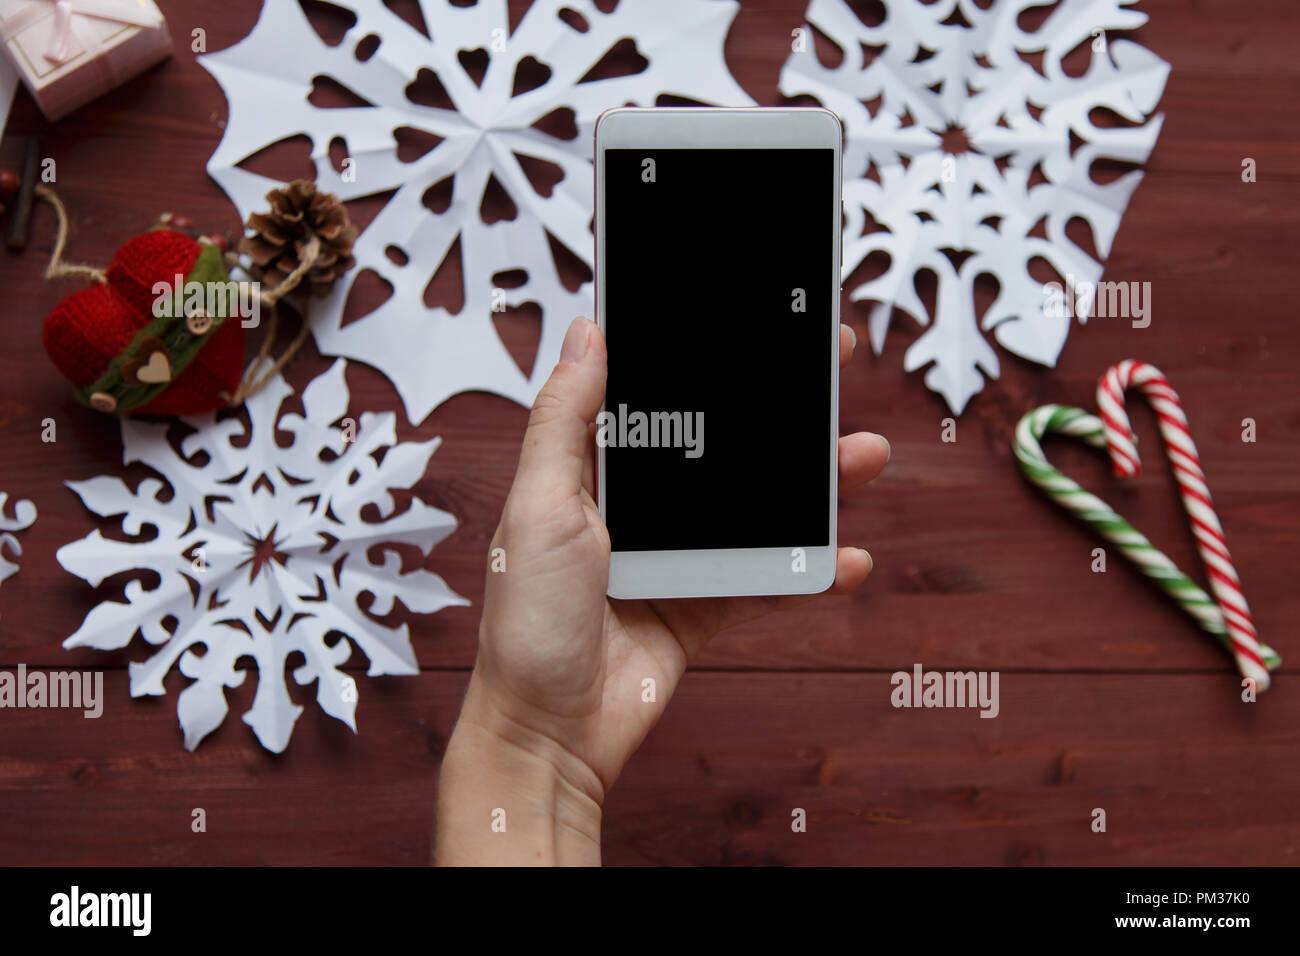 Concepto de Año Nuevo. Una mujer está haciendo una foto para un blog. Manos de mujer mantenga un smartphone, fotografiar copos de nieve de papel cortado, regalos, tijeras con un Imagen De Stock